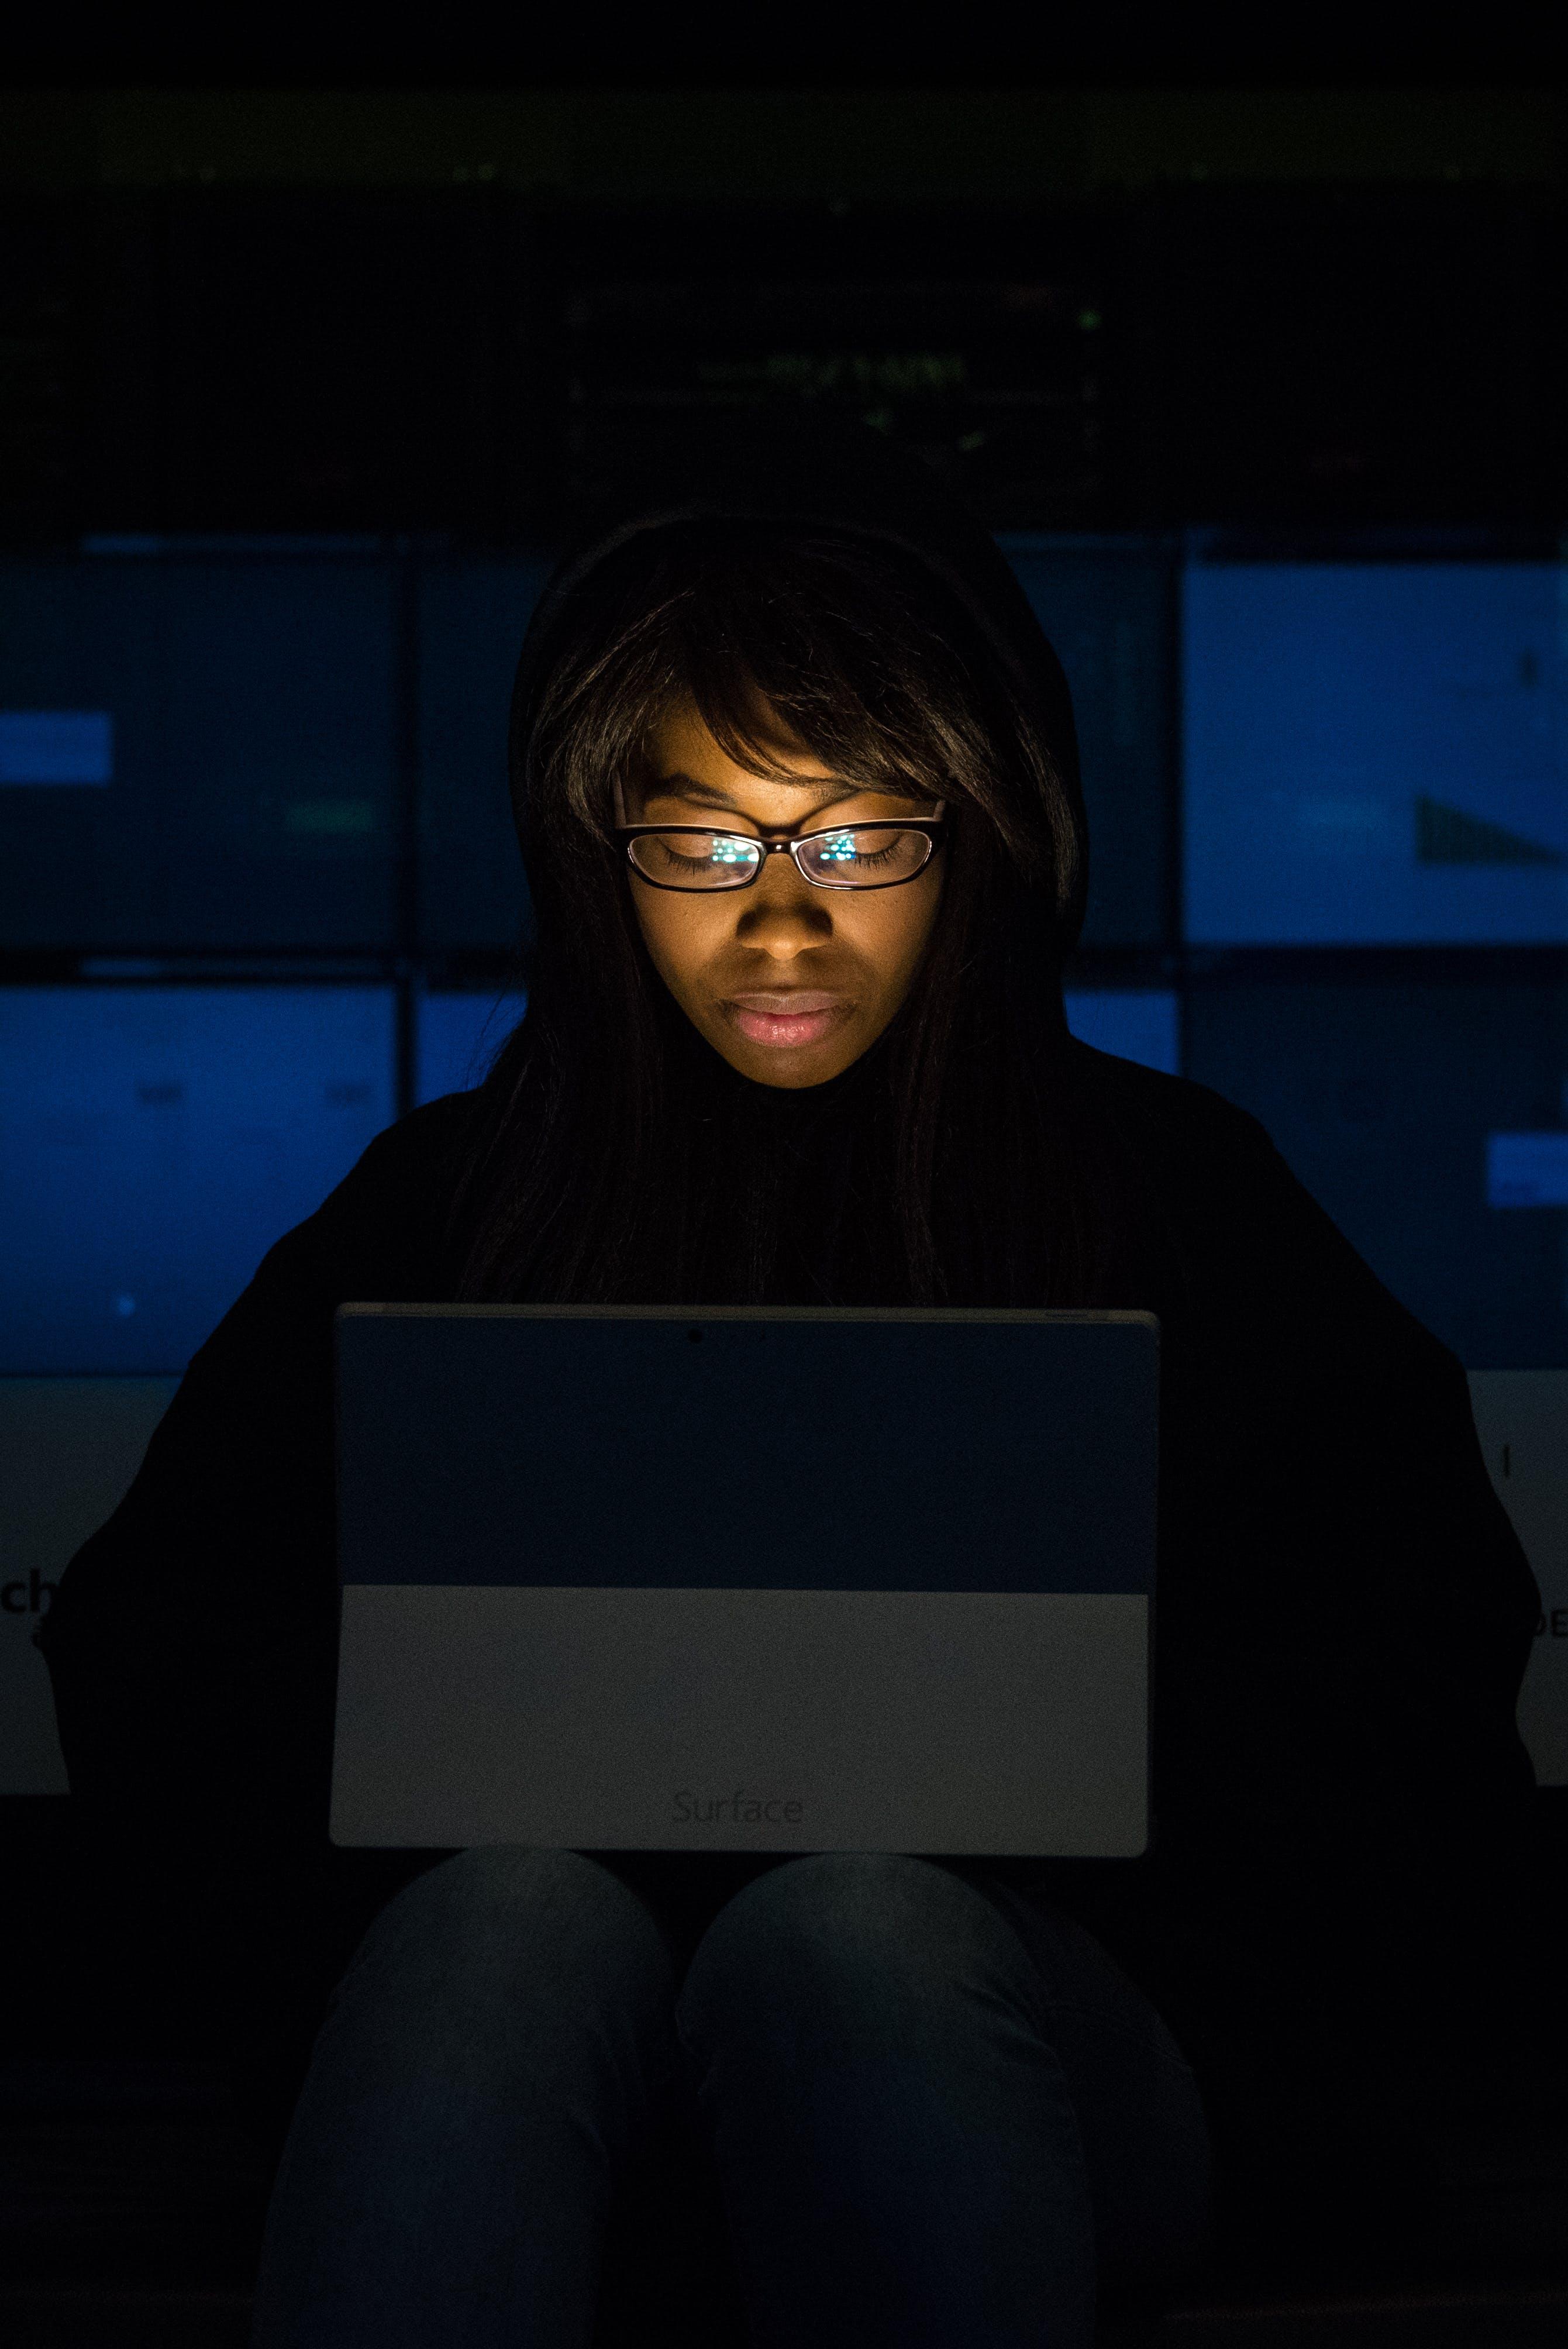 Woman Wearing Eyeglasses Looking at Tablet Computer in Dark Room